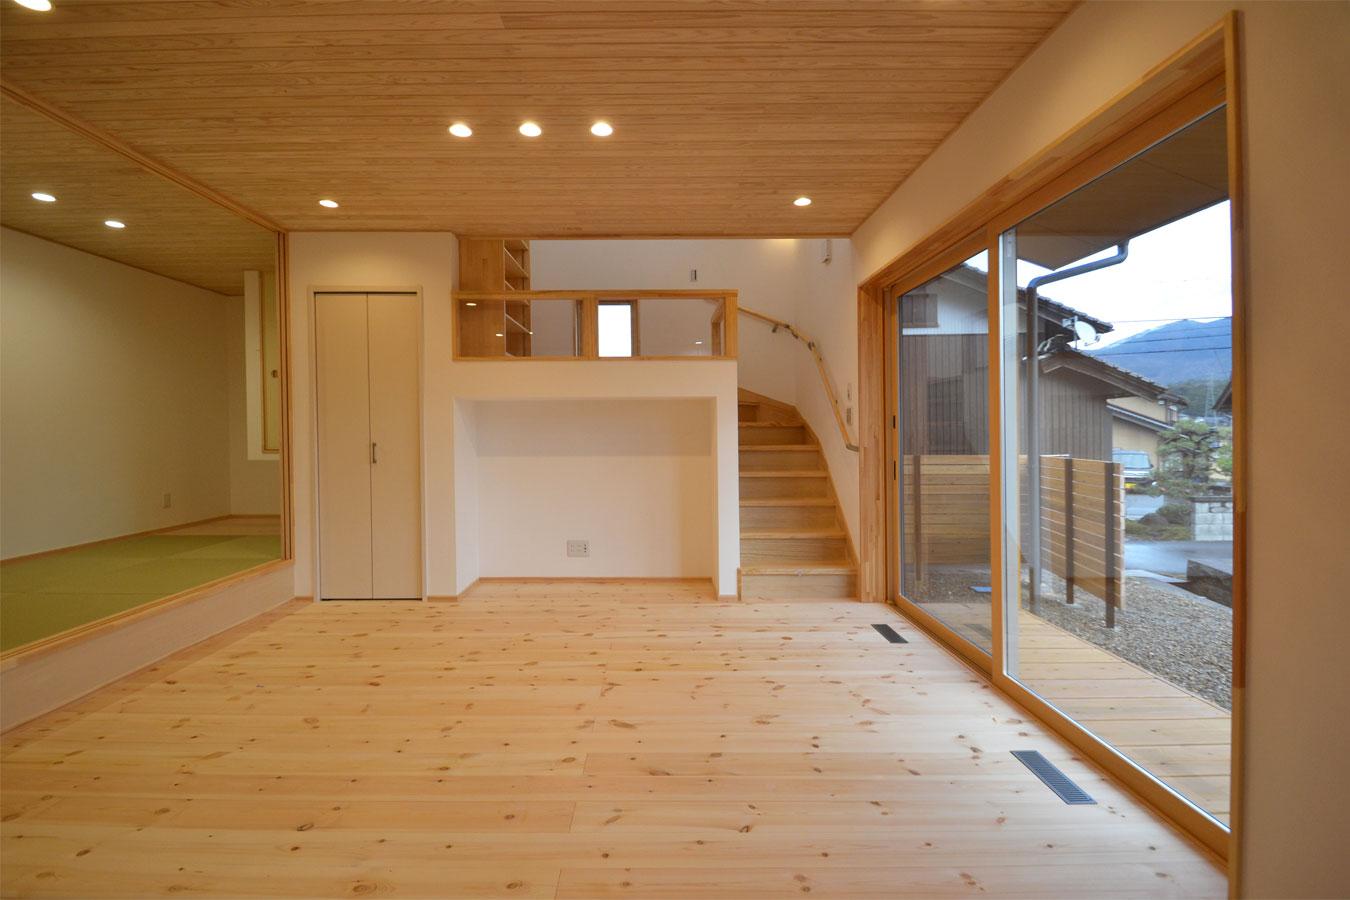 リビング階段・スキップフロア・キッチン・和室 つながりを大切にしたLDK